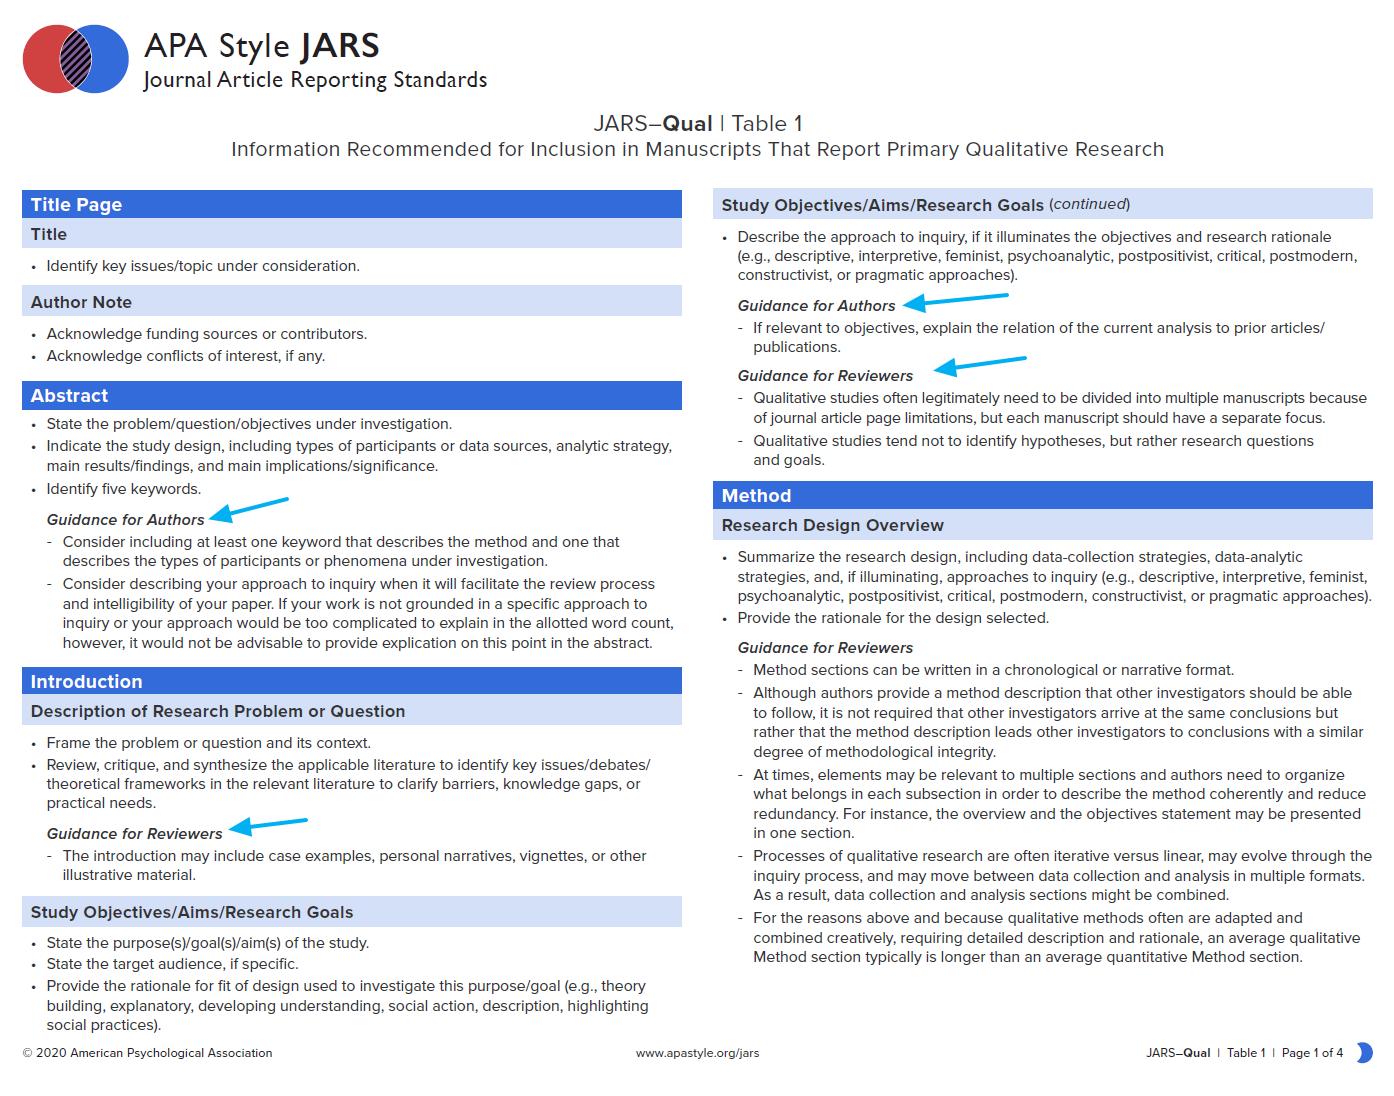 Estándar de artículos cualitativos según normas APA